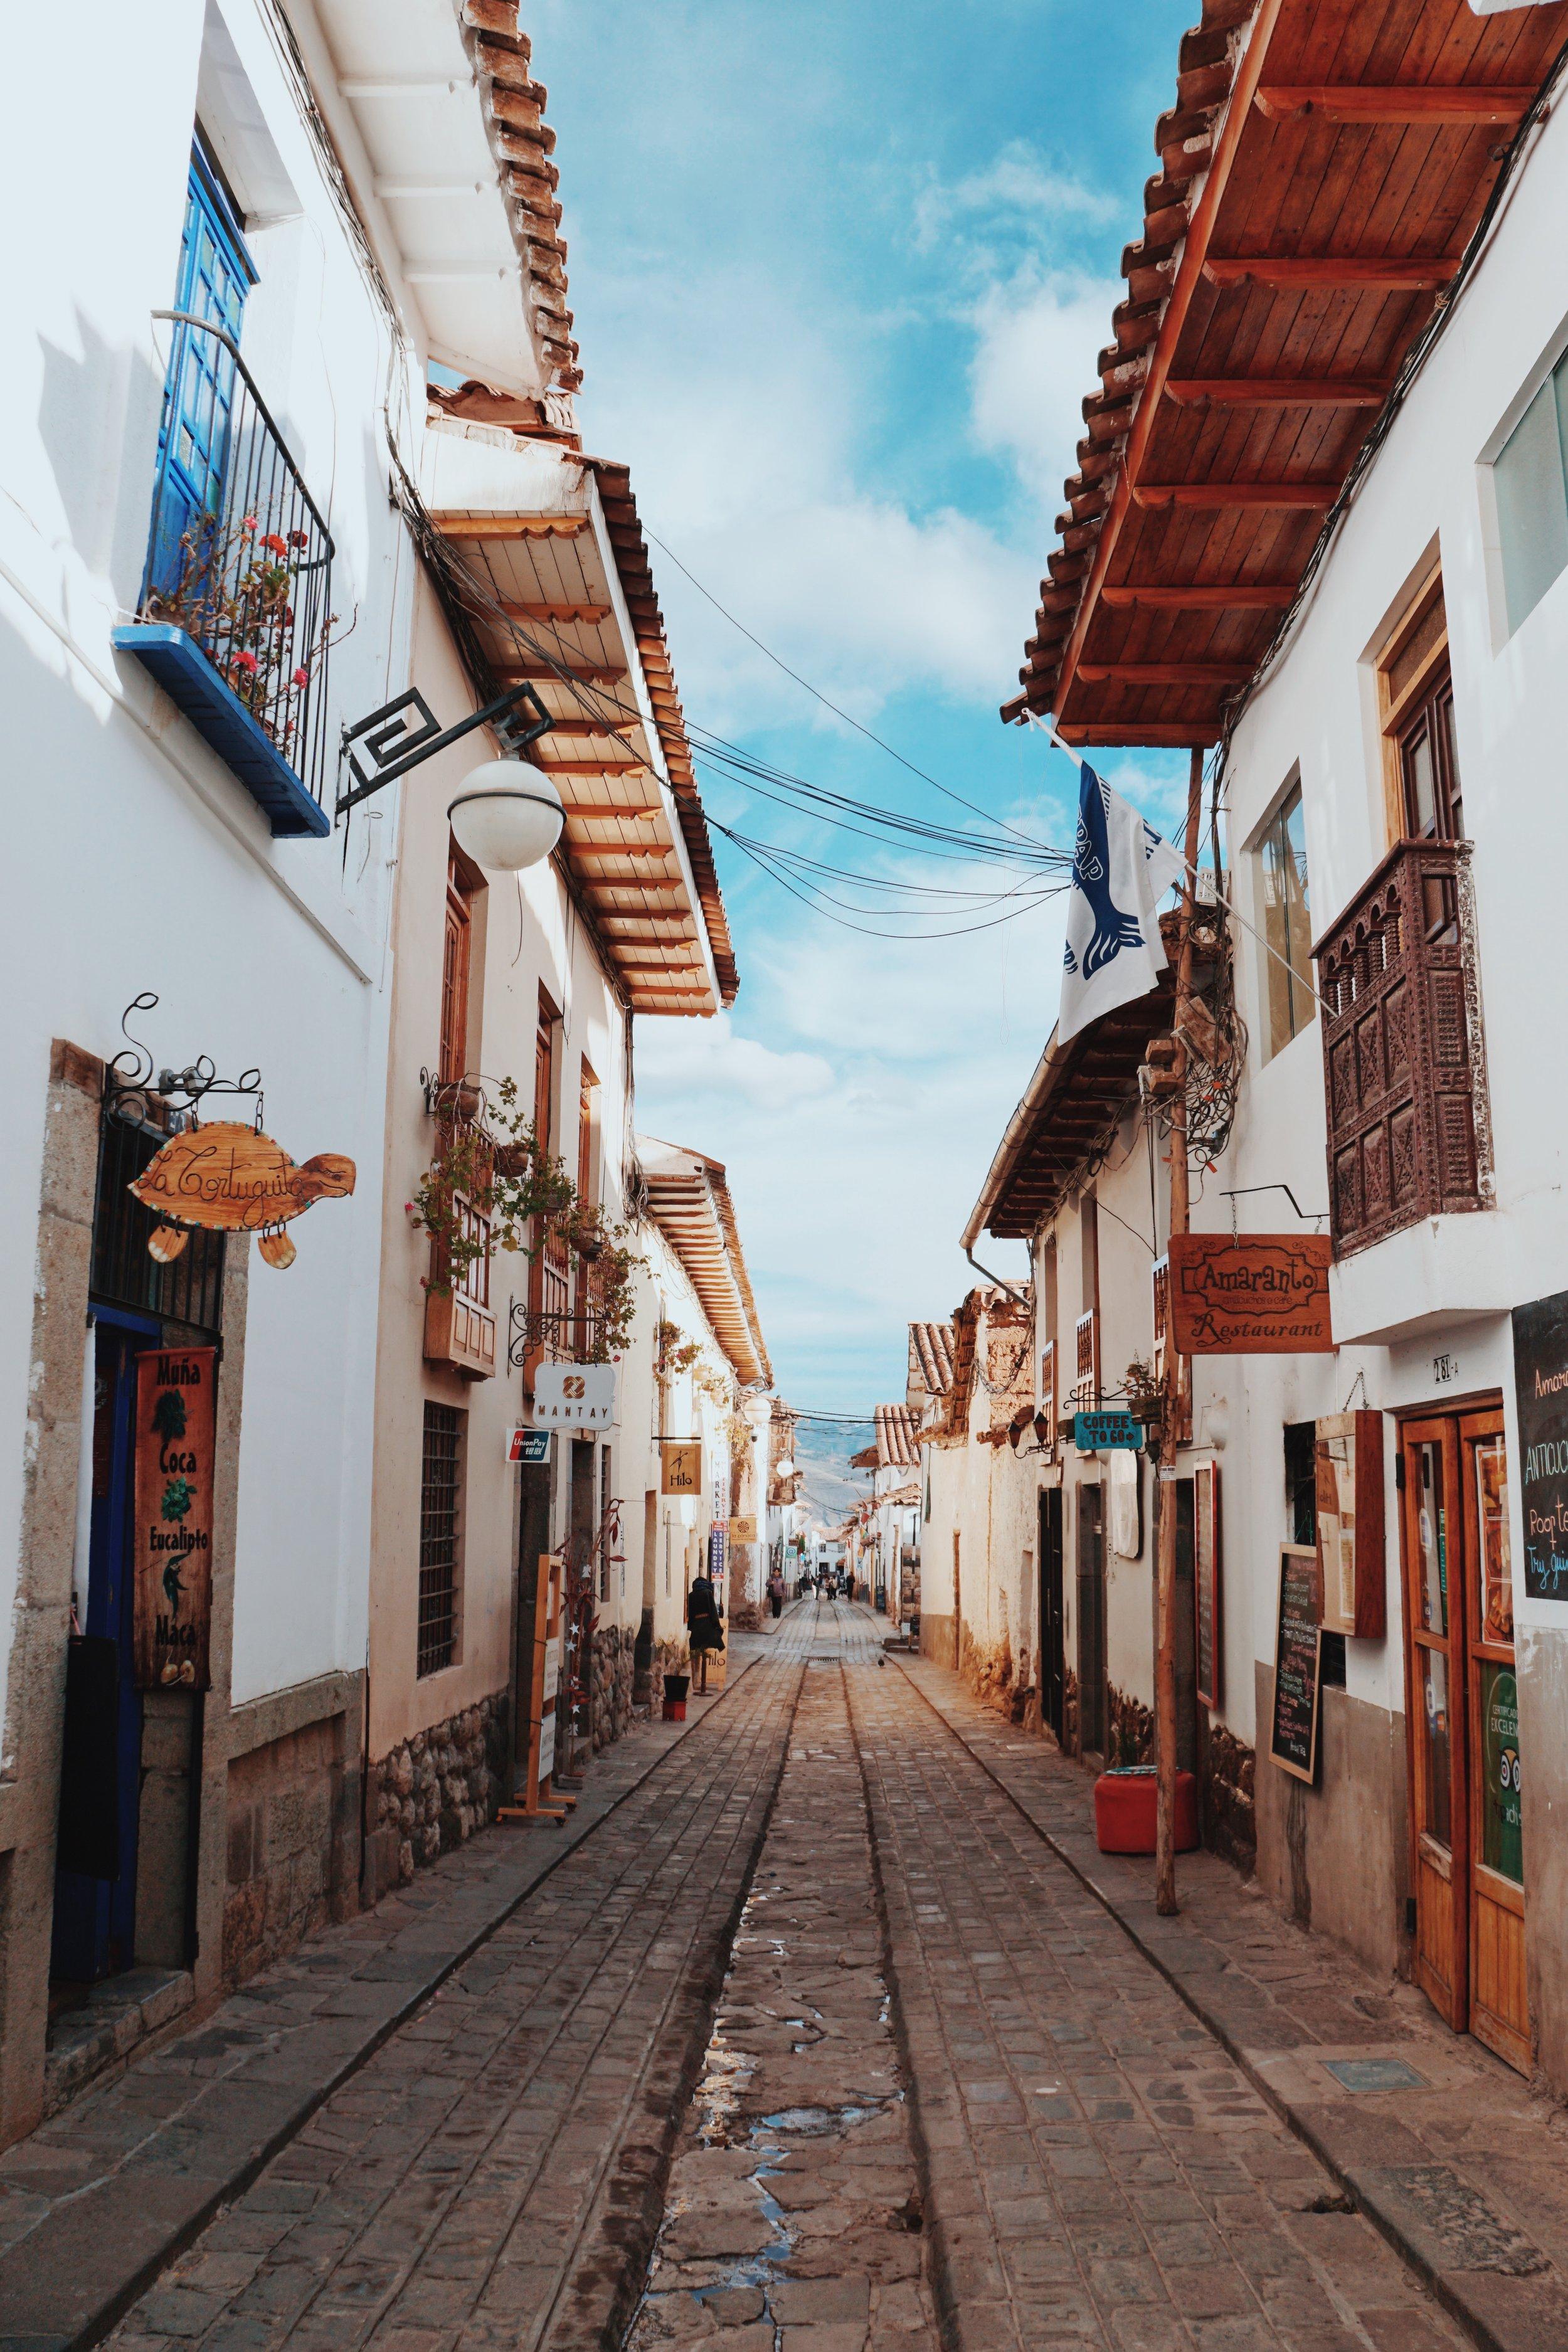 Wandering in the San Blas neighborhood.